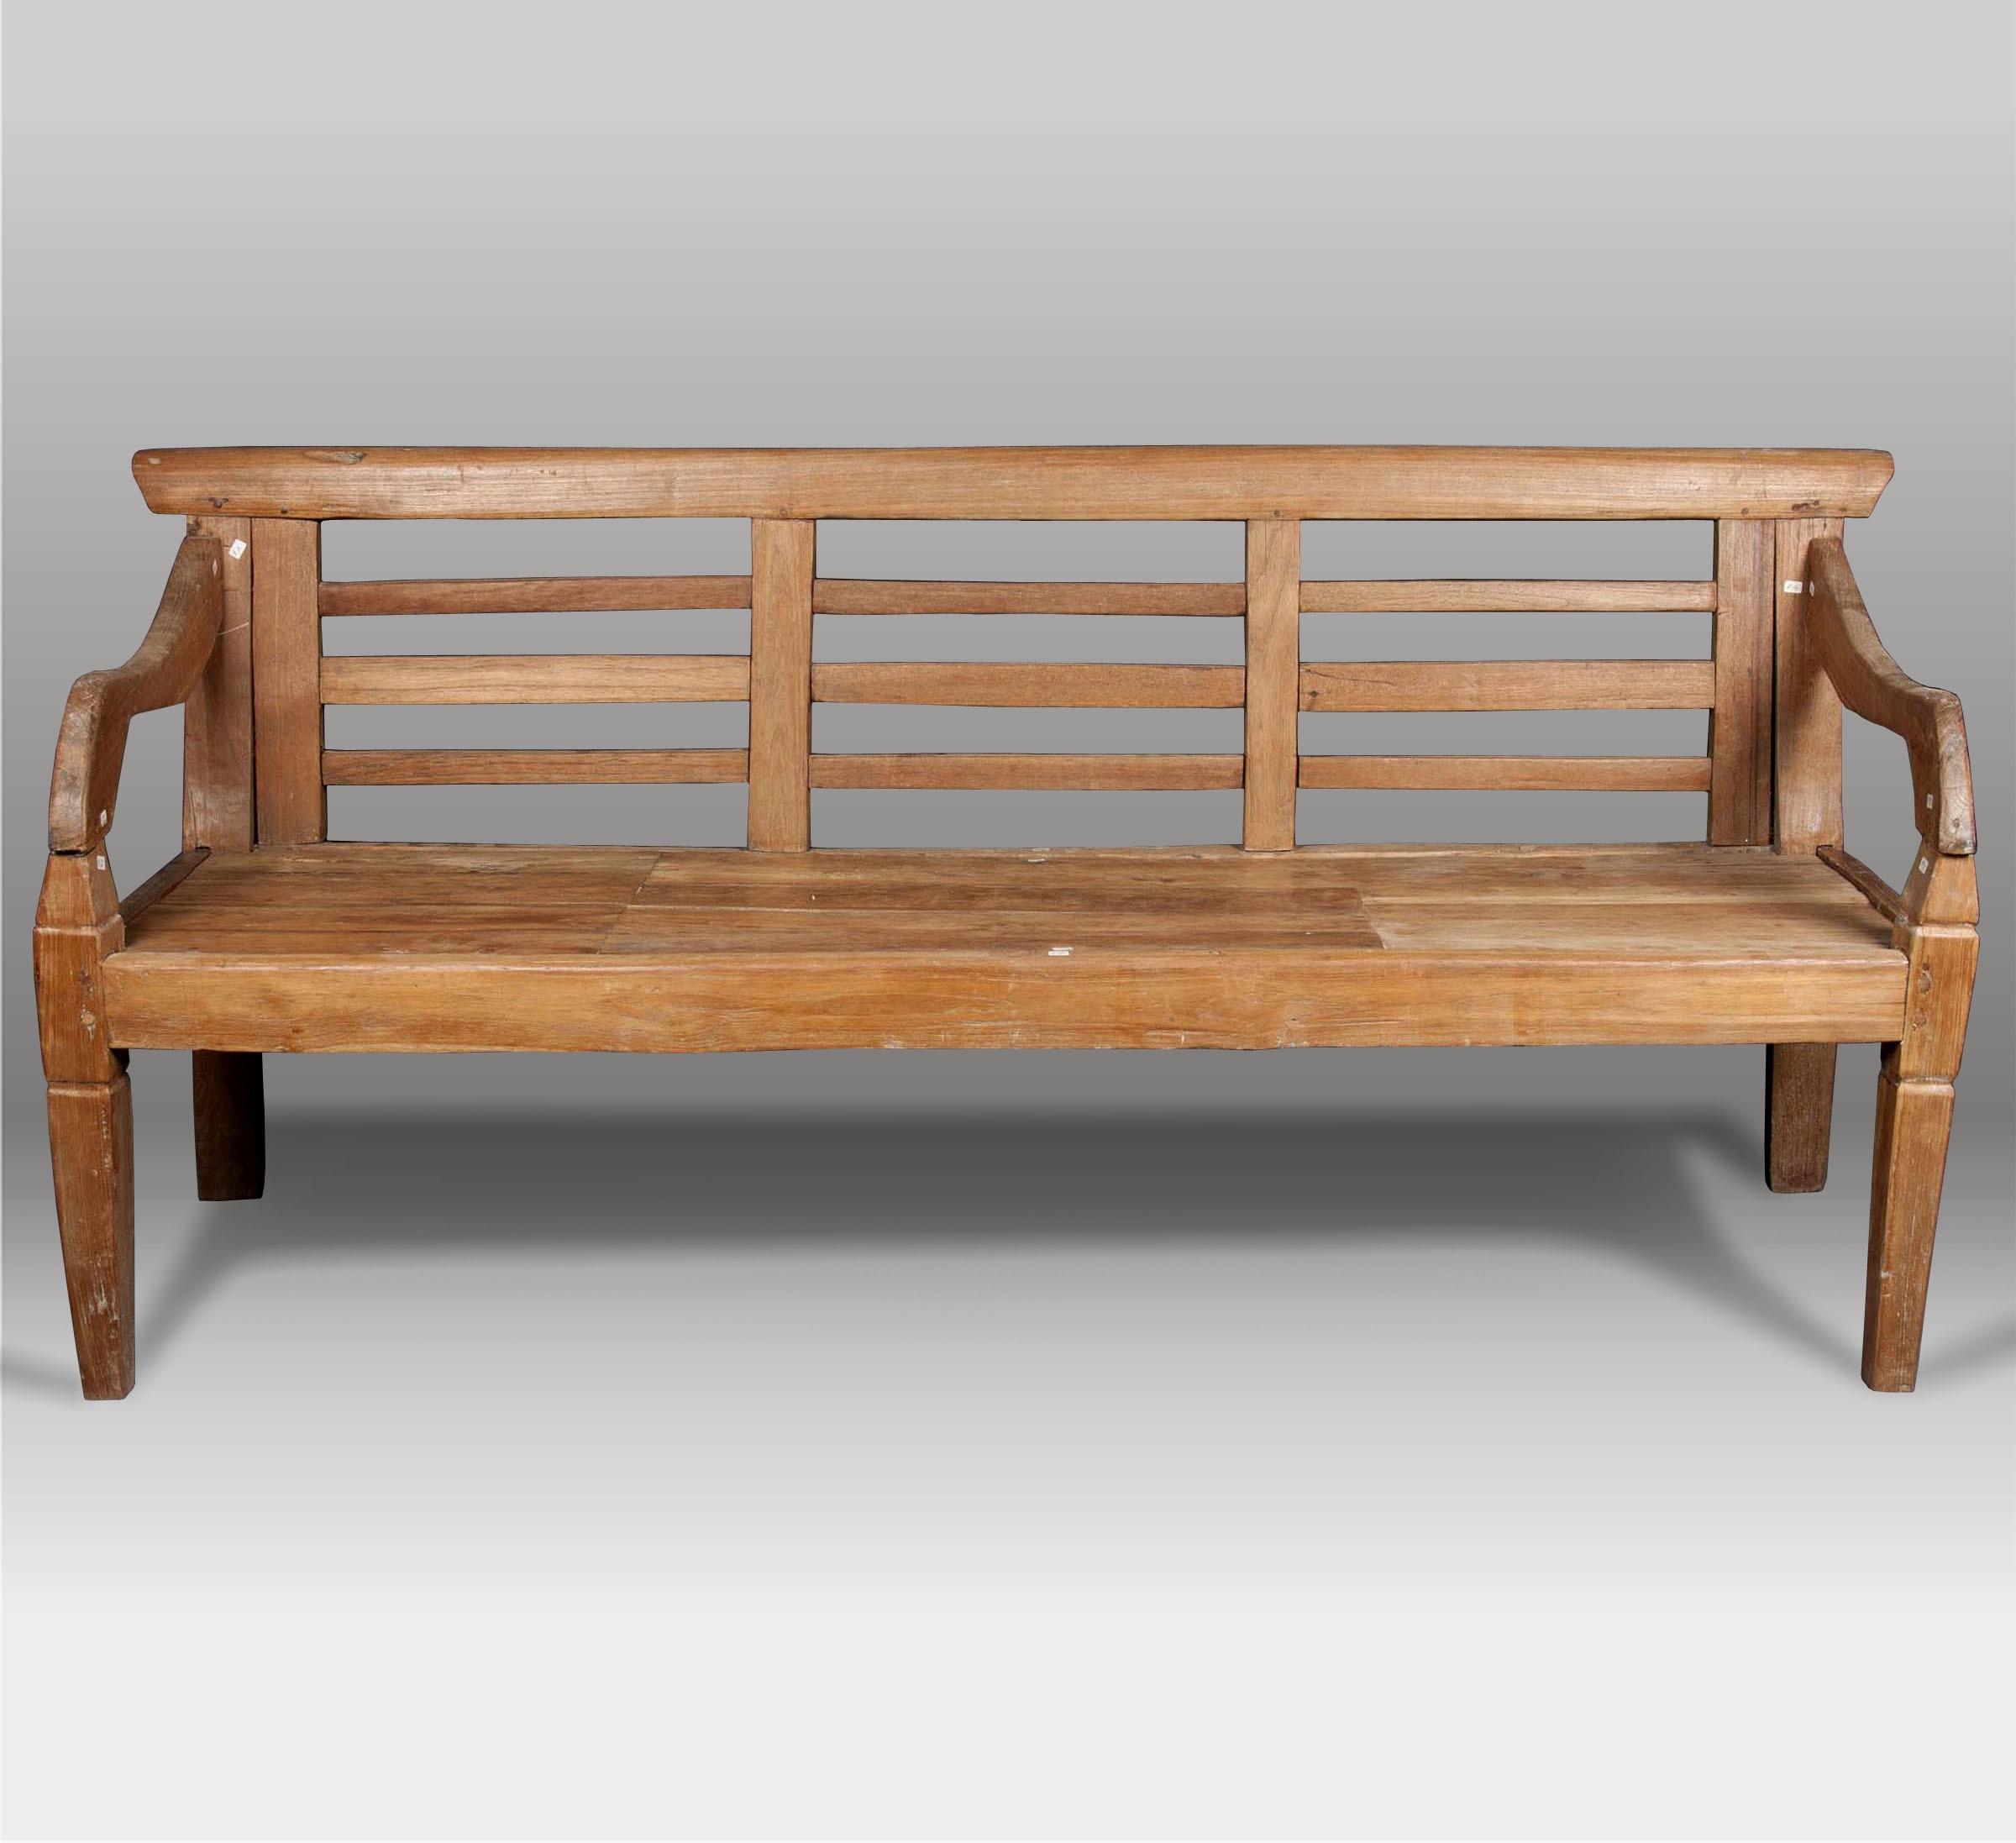 Banco y banco de madera batavia for Bancos zapateros de madera